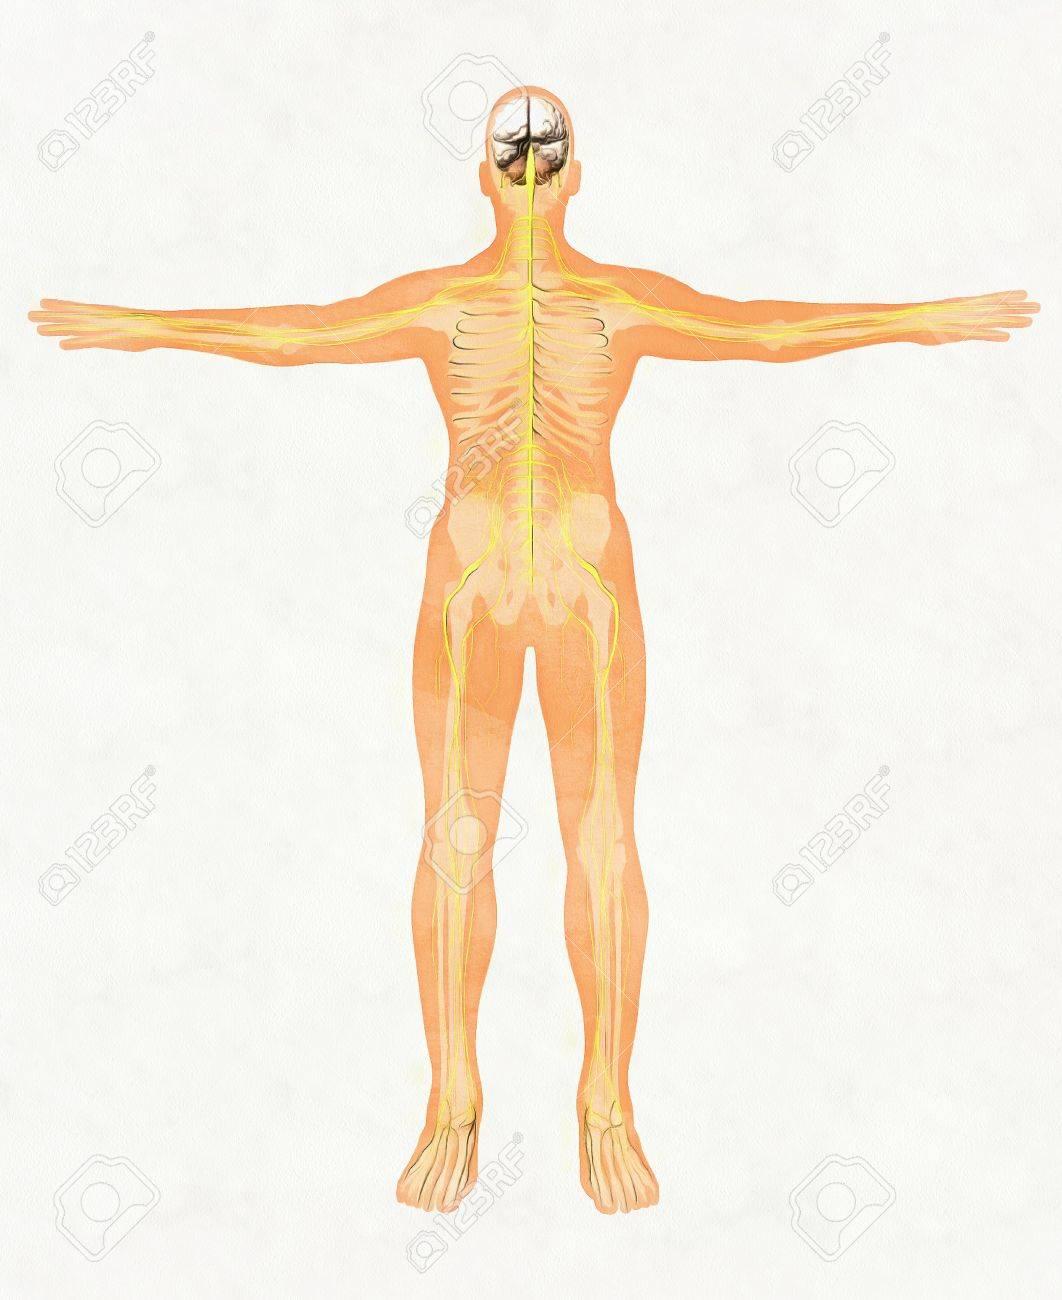 Menschlicher Körper Silhouette Und Nervensystem Lizenzfreie Fotos ...